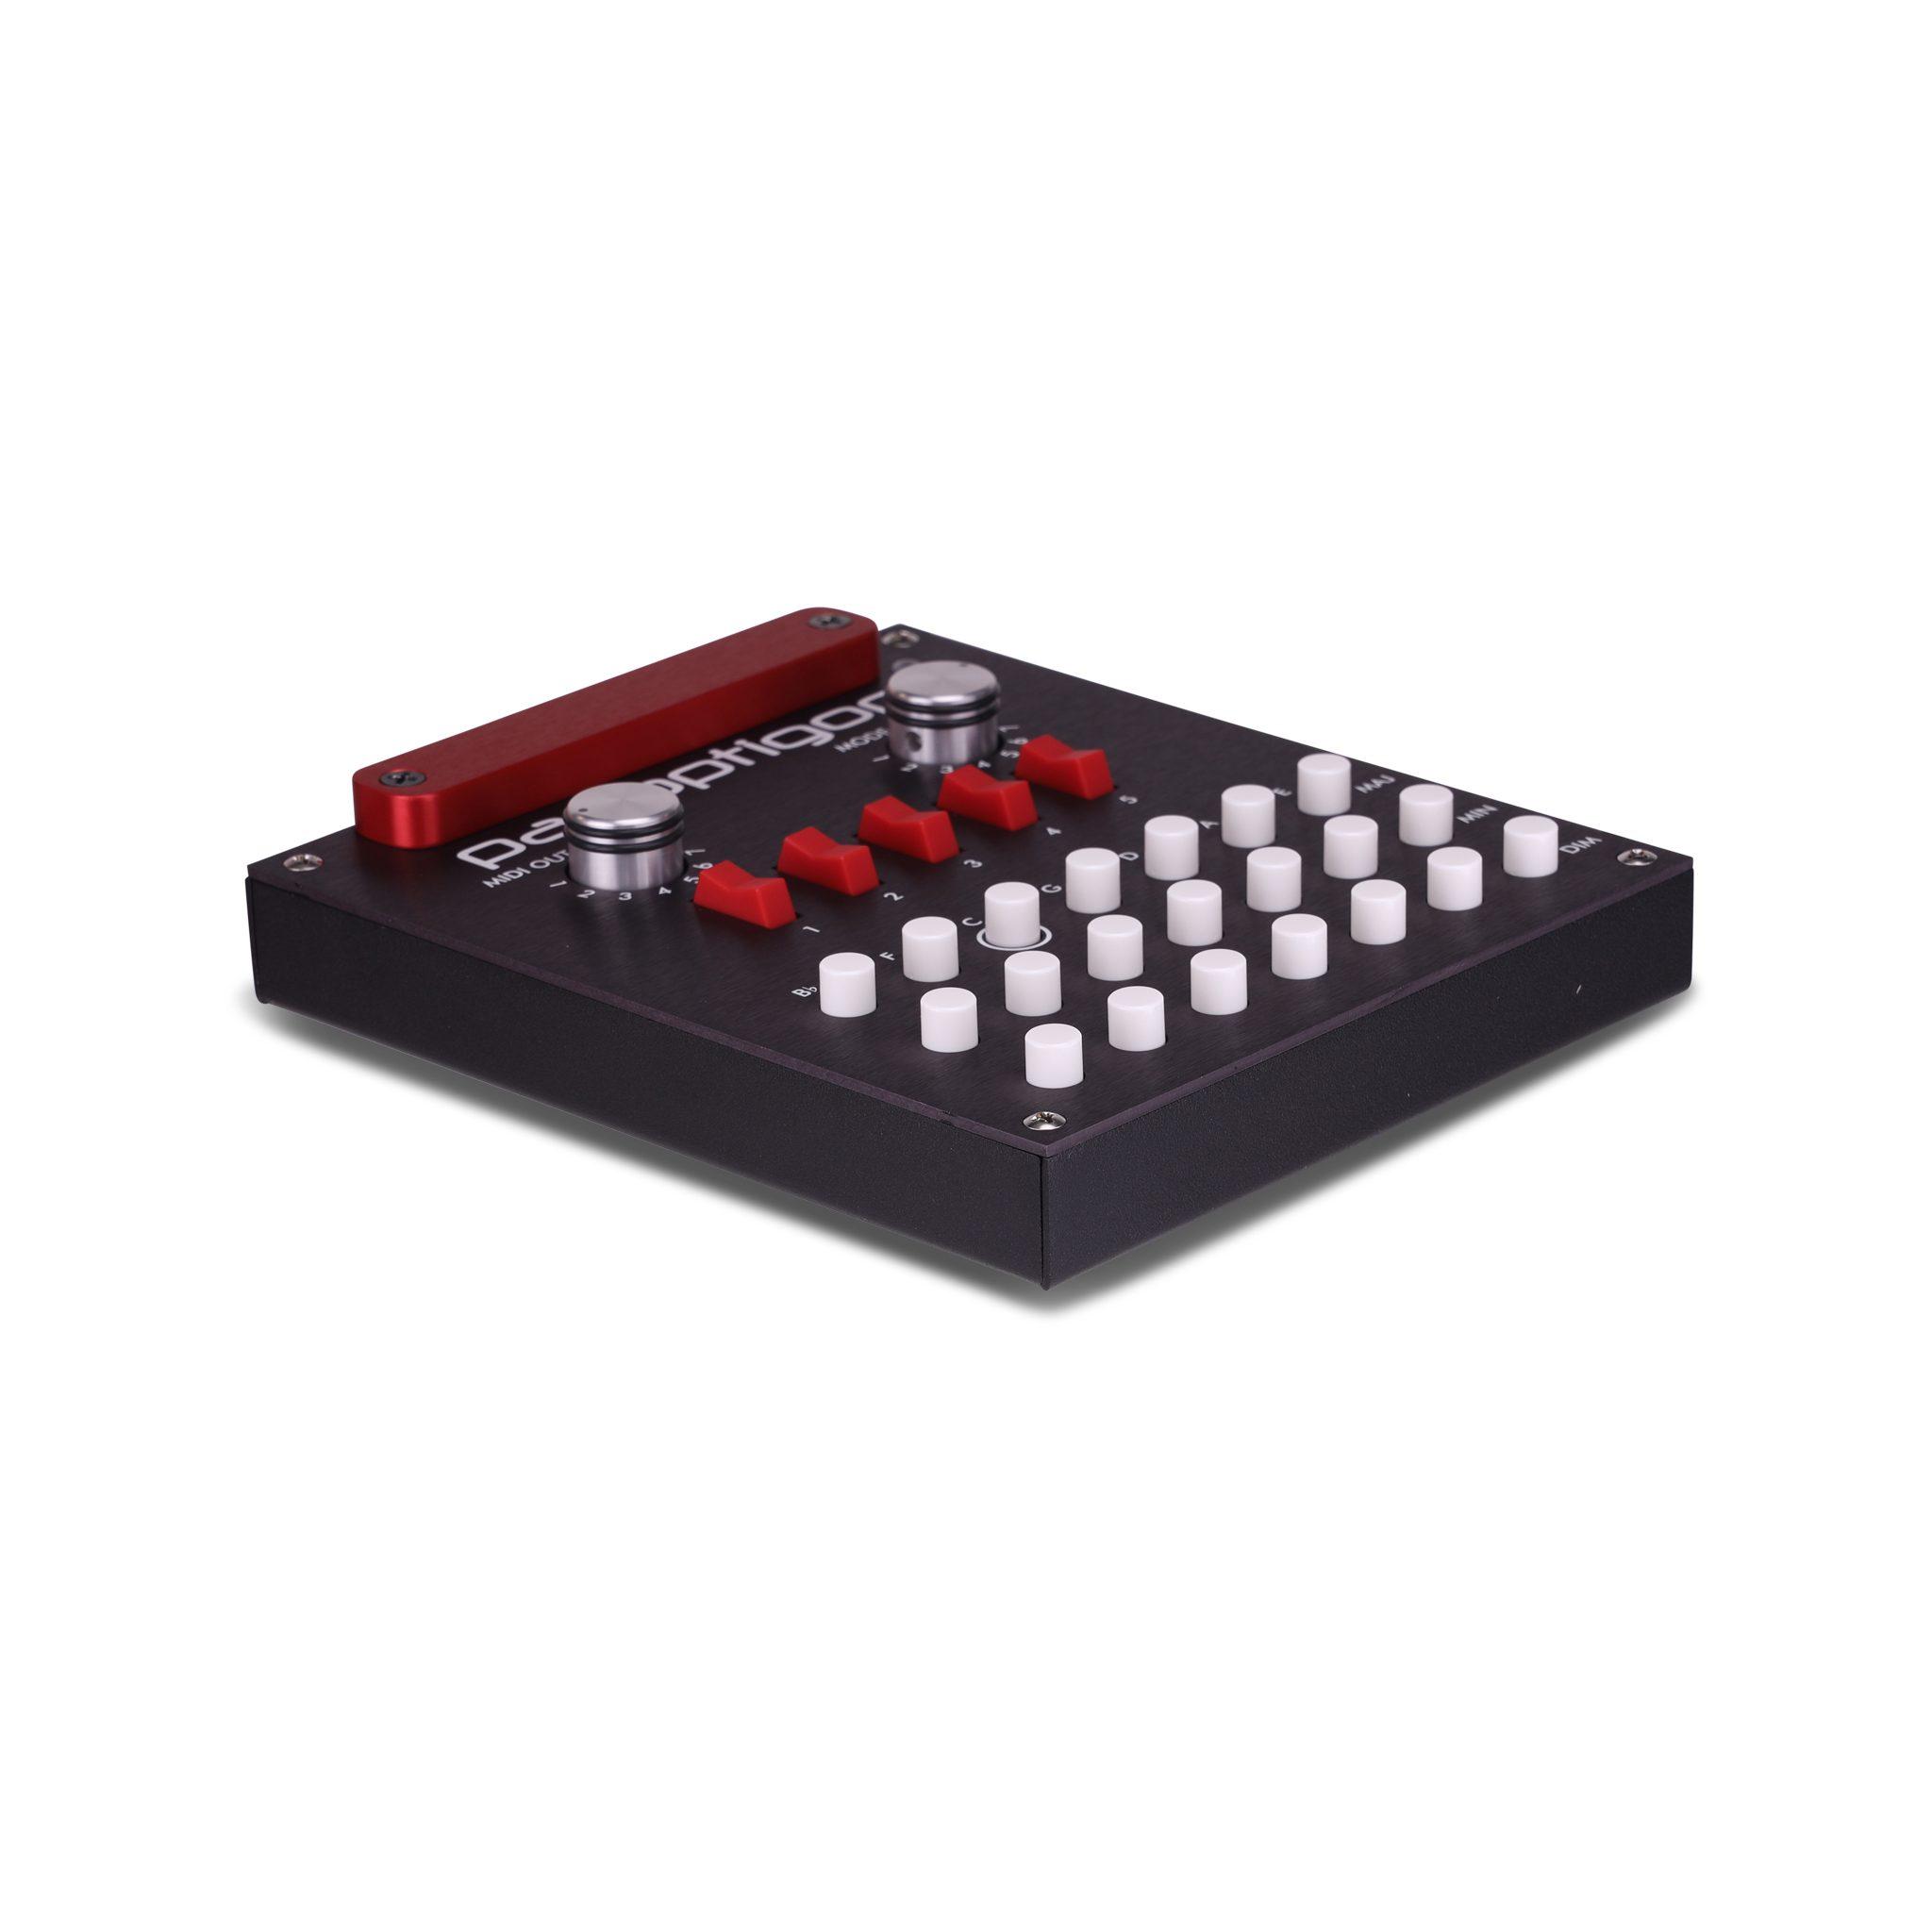 32-panoptigonchordcontroller